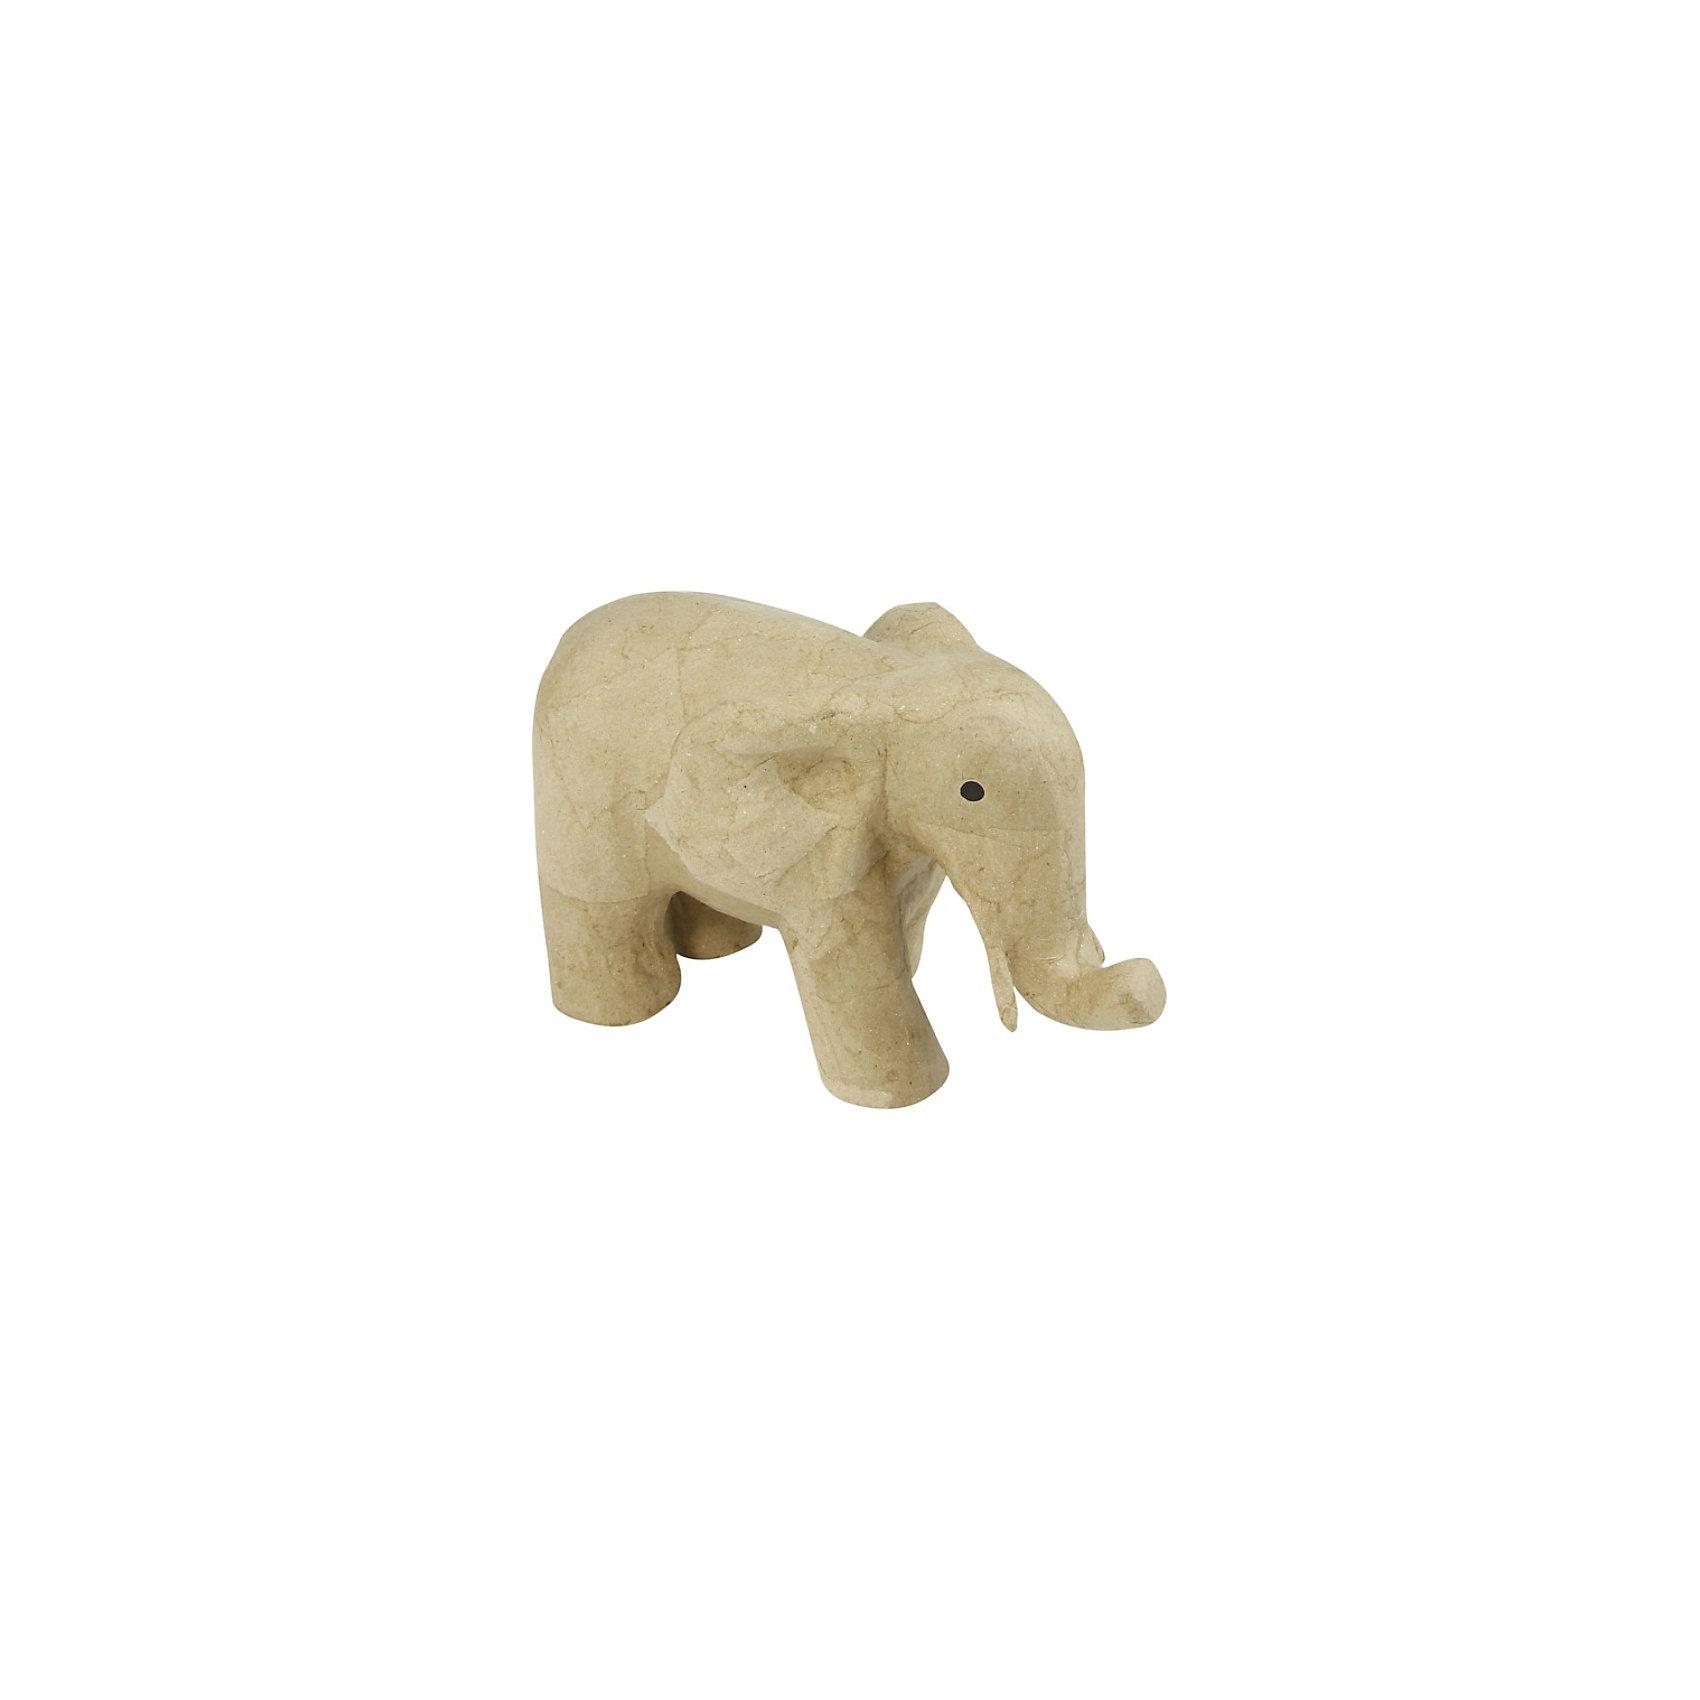 Слон, папье-маше, DECOPATCHЗаготовка из папье-маше для декорирования: Слон. Для декора этого замечательного животного можно использовать акриловые краски, цветную бумагу, так же можно применить технику Декупаж. Декорированный слон украсит самый изысканный интерьер и прекрасно подойдет для эксклюзивного подарка. Для получения более насыщенного и яркого цвета перед началом работы используйте грунт. Заготовки из папье-маше можно смело раскрасить акриловыми красками, обклеить бумагой (техника декопатч, декупаж), покрыть мозаикой, декорировать стразами, лентами, бусинами. Чудесный слоник открывает неограниченные возможности для проявления Ваших декораторских талантов!<br><br>Дополнительная информация:<br><br>- Слониз папье-маше;<br>- Идеальная основа для декорирования;<br>- Можно применять разные техники декорирования;<br>- Размер заготовки: 12 х 21 х 17 см;<br>- Вес: 145 г<br><br>Слона /папье-маше/ 12х21х17 см, можно купить в нашем интернет-магазине.<br><br>Ширина мм: 120<br>Глубина мм: 210<br>Высота мм: 170<br>Вес г: 145<br>Возраст от месяцев: 36<br>Возраст до месяцев: 216<br>Пол: Унисекс<br>Возраст: Детский<br>SKU: 3624880